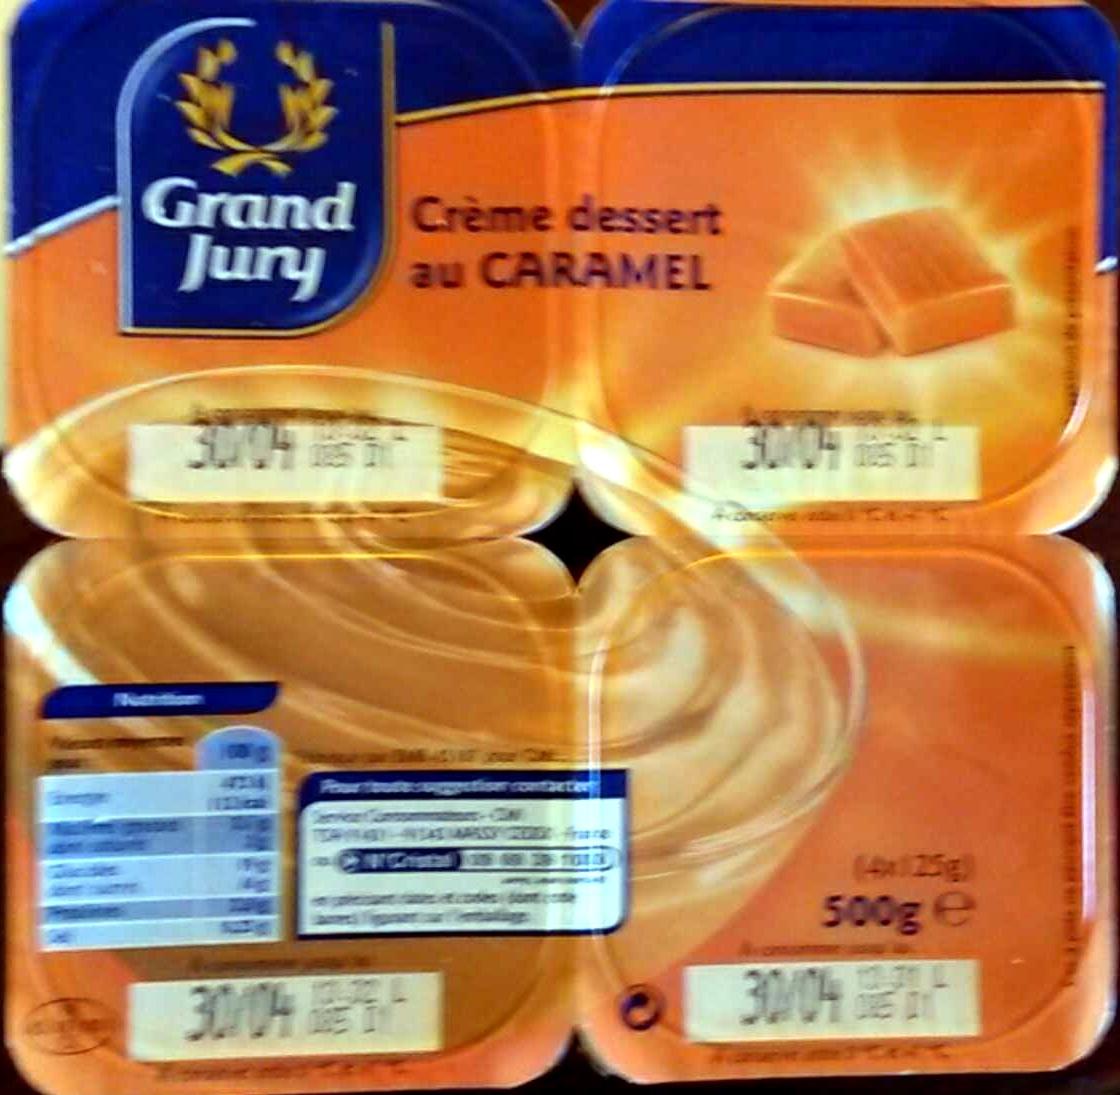 Crème dessert au caramel - Product - fr